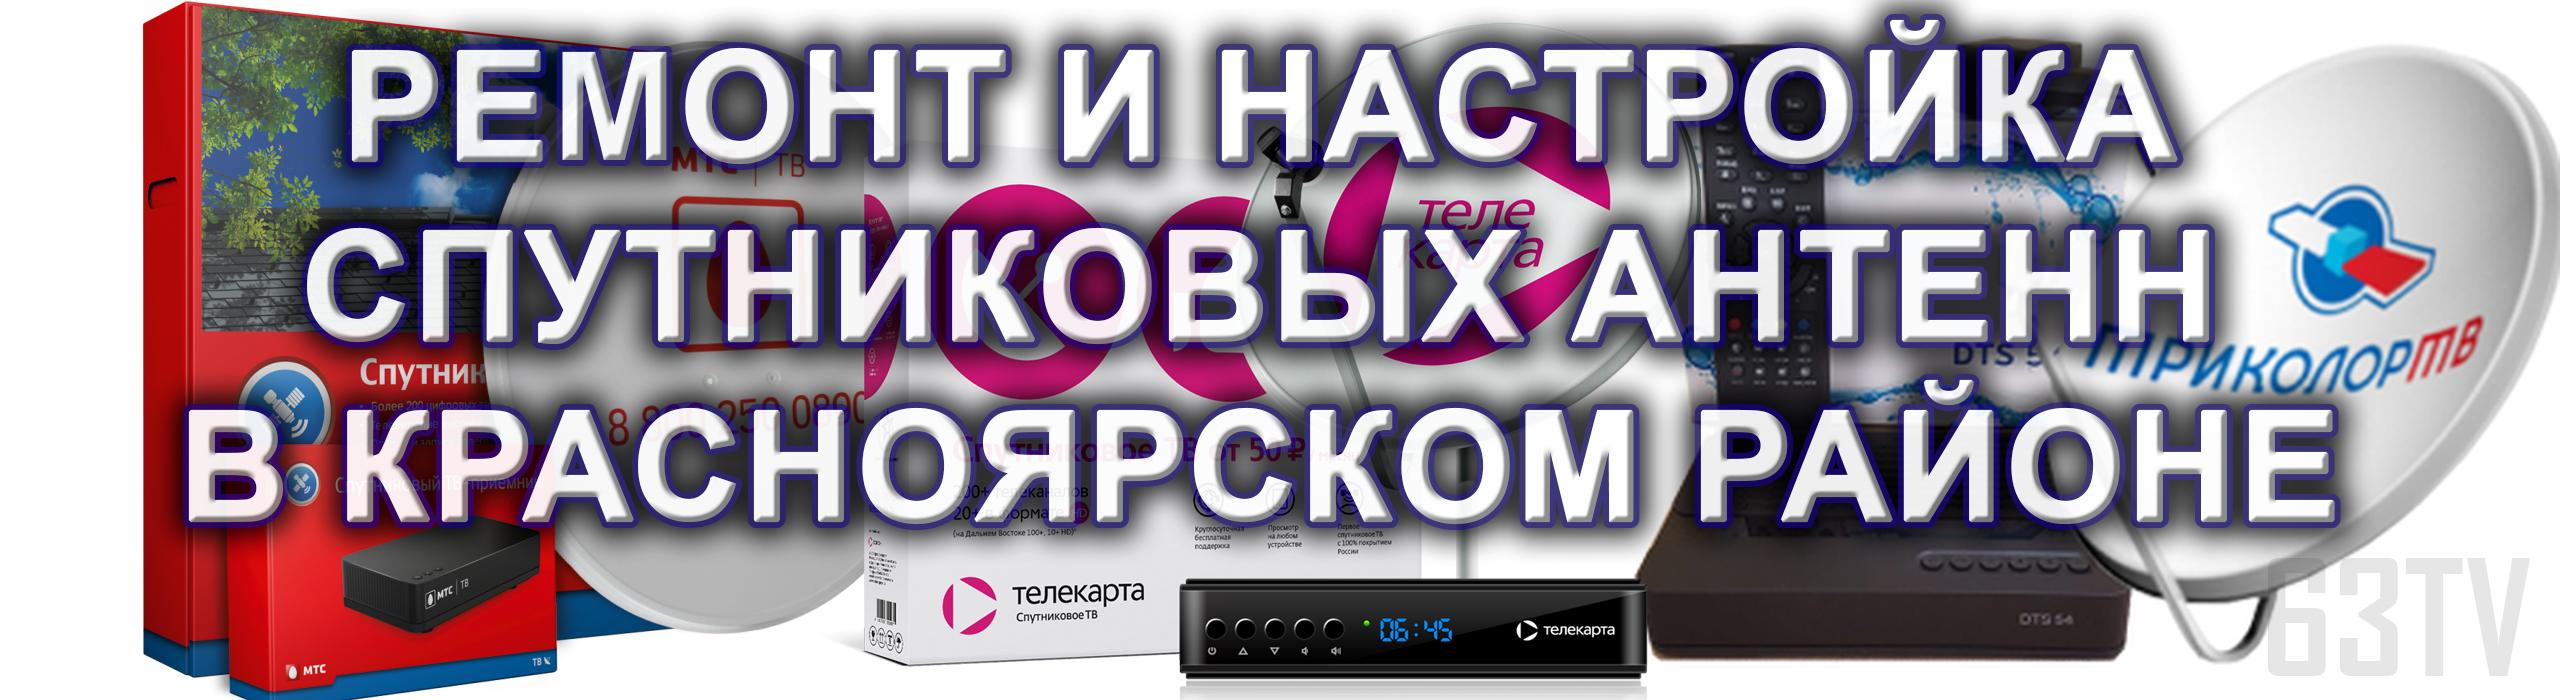 Ремонт и настройка спутниковых антенн в Красноярском районе